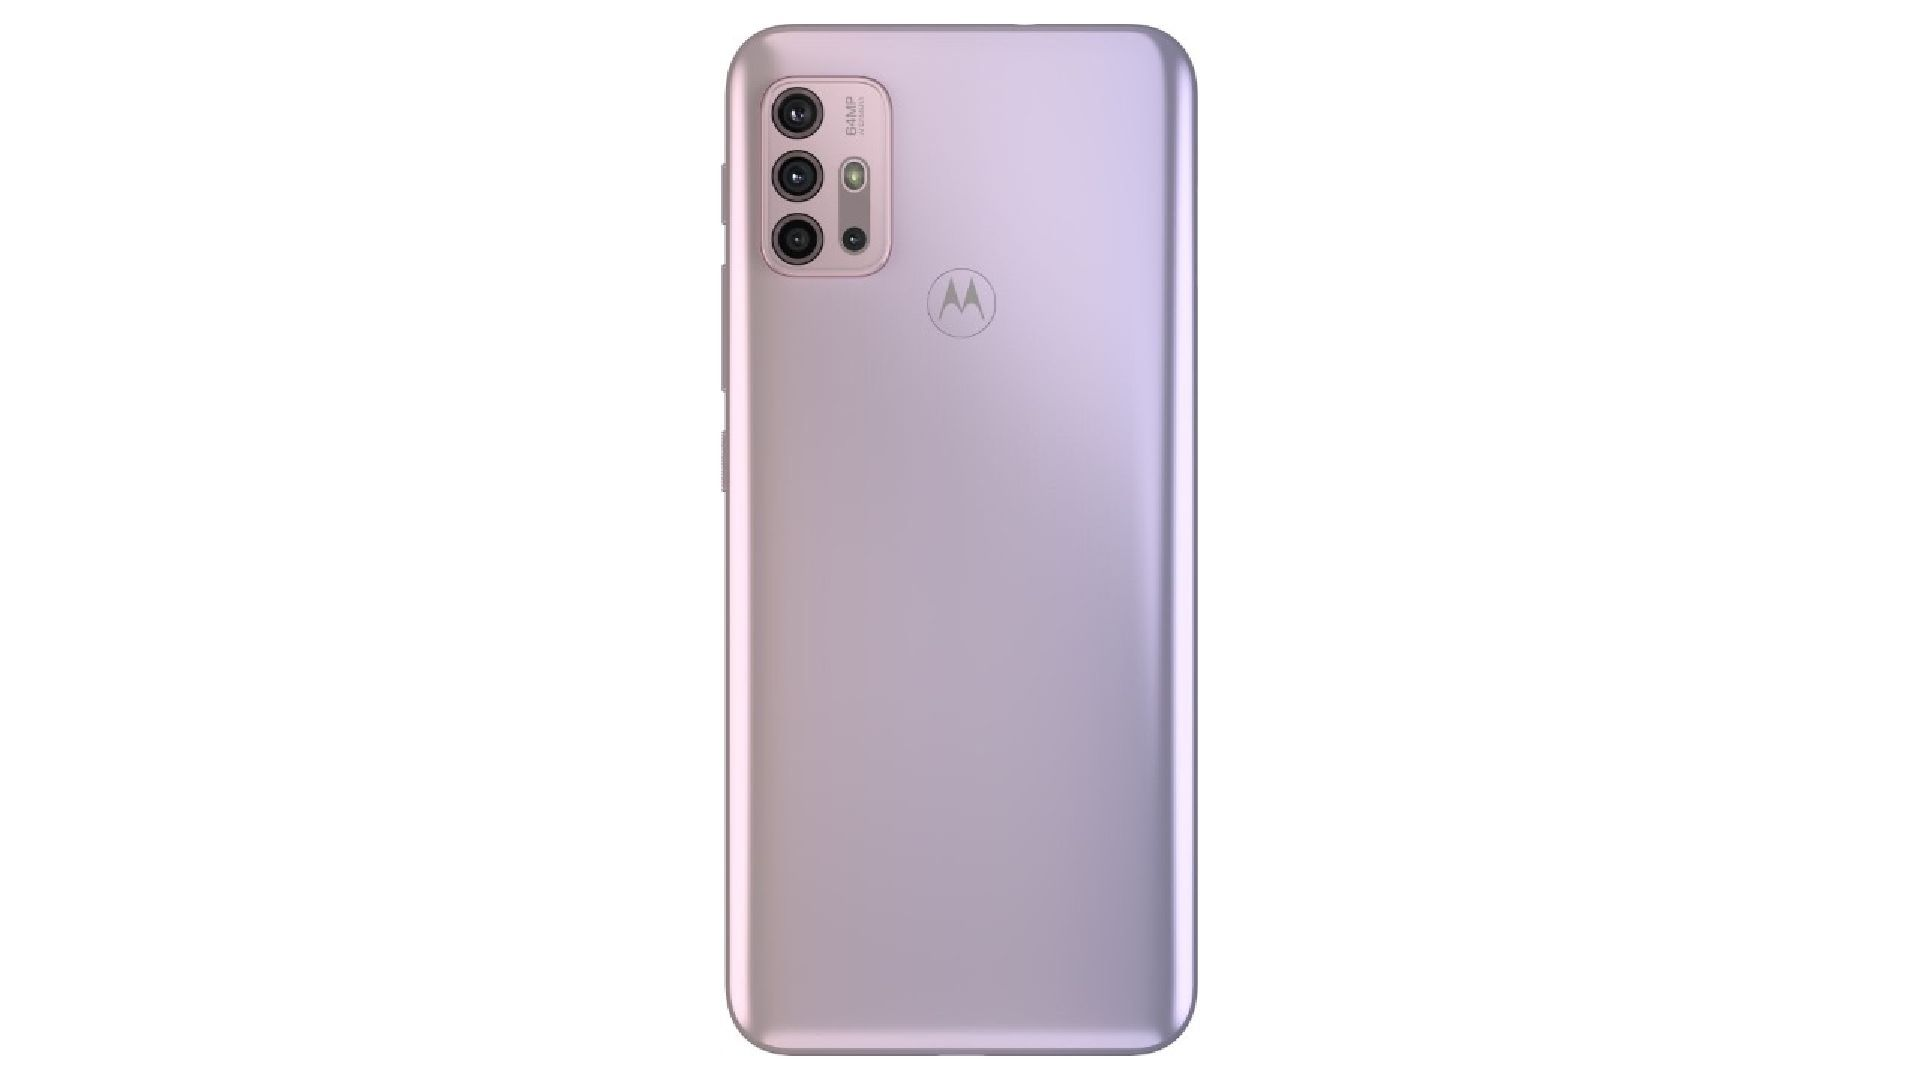 Parte traseira do celular Moto G30 lilás com conjunto de quatro câmeras e símbolo da Motorola